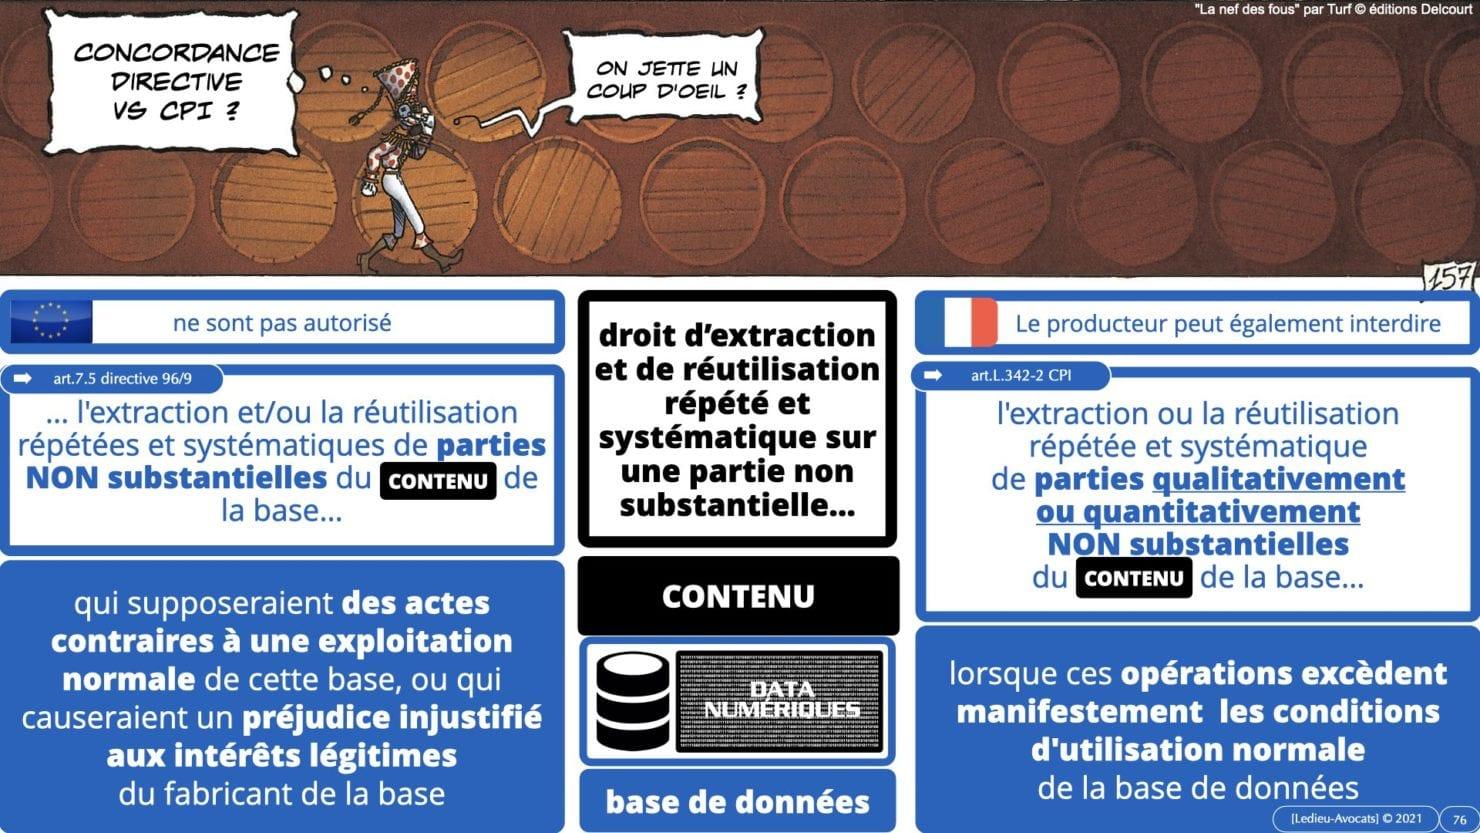 334 extraction indexation BASE DE DONNEES © Ledieu-avocat 24-05-2021.076